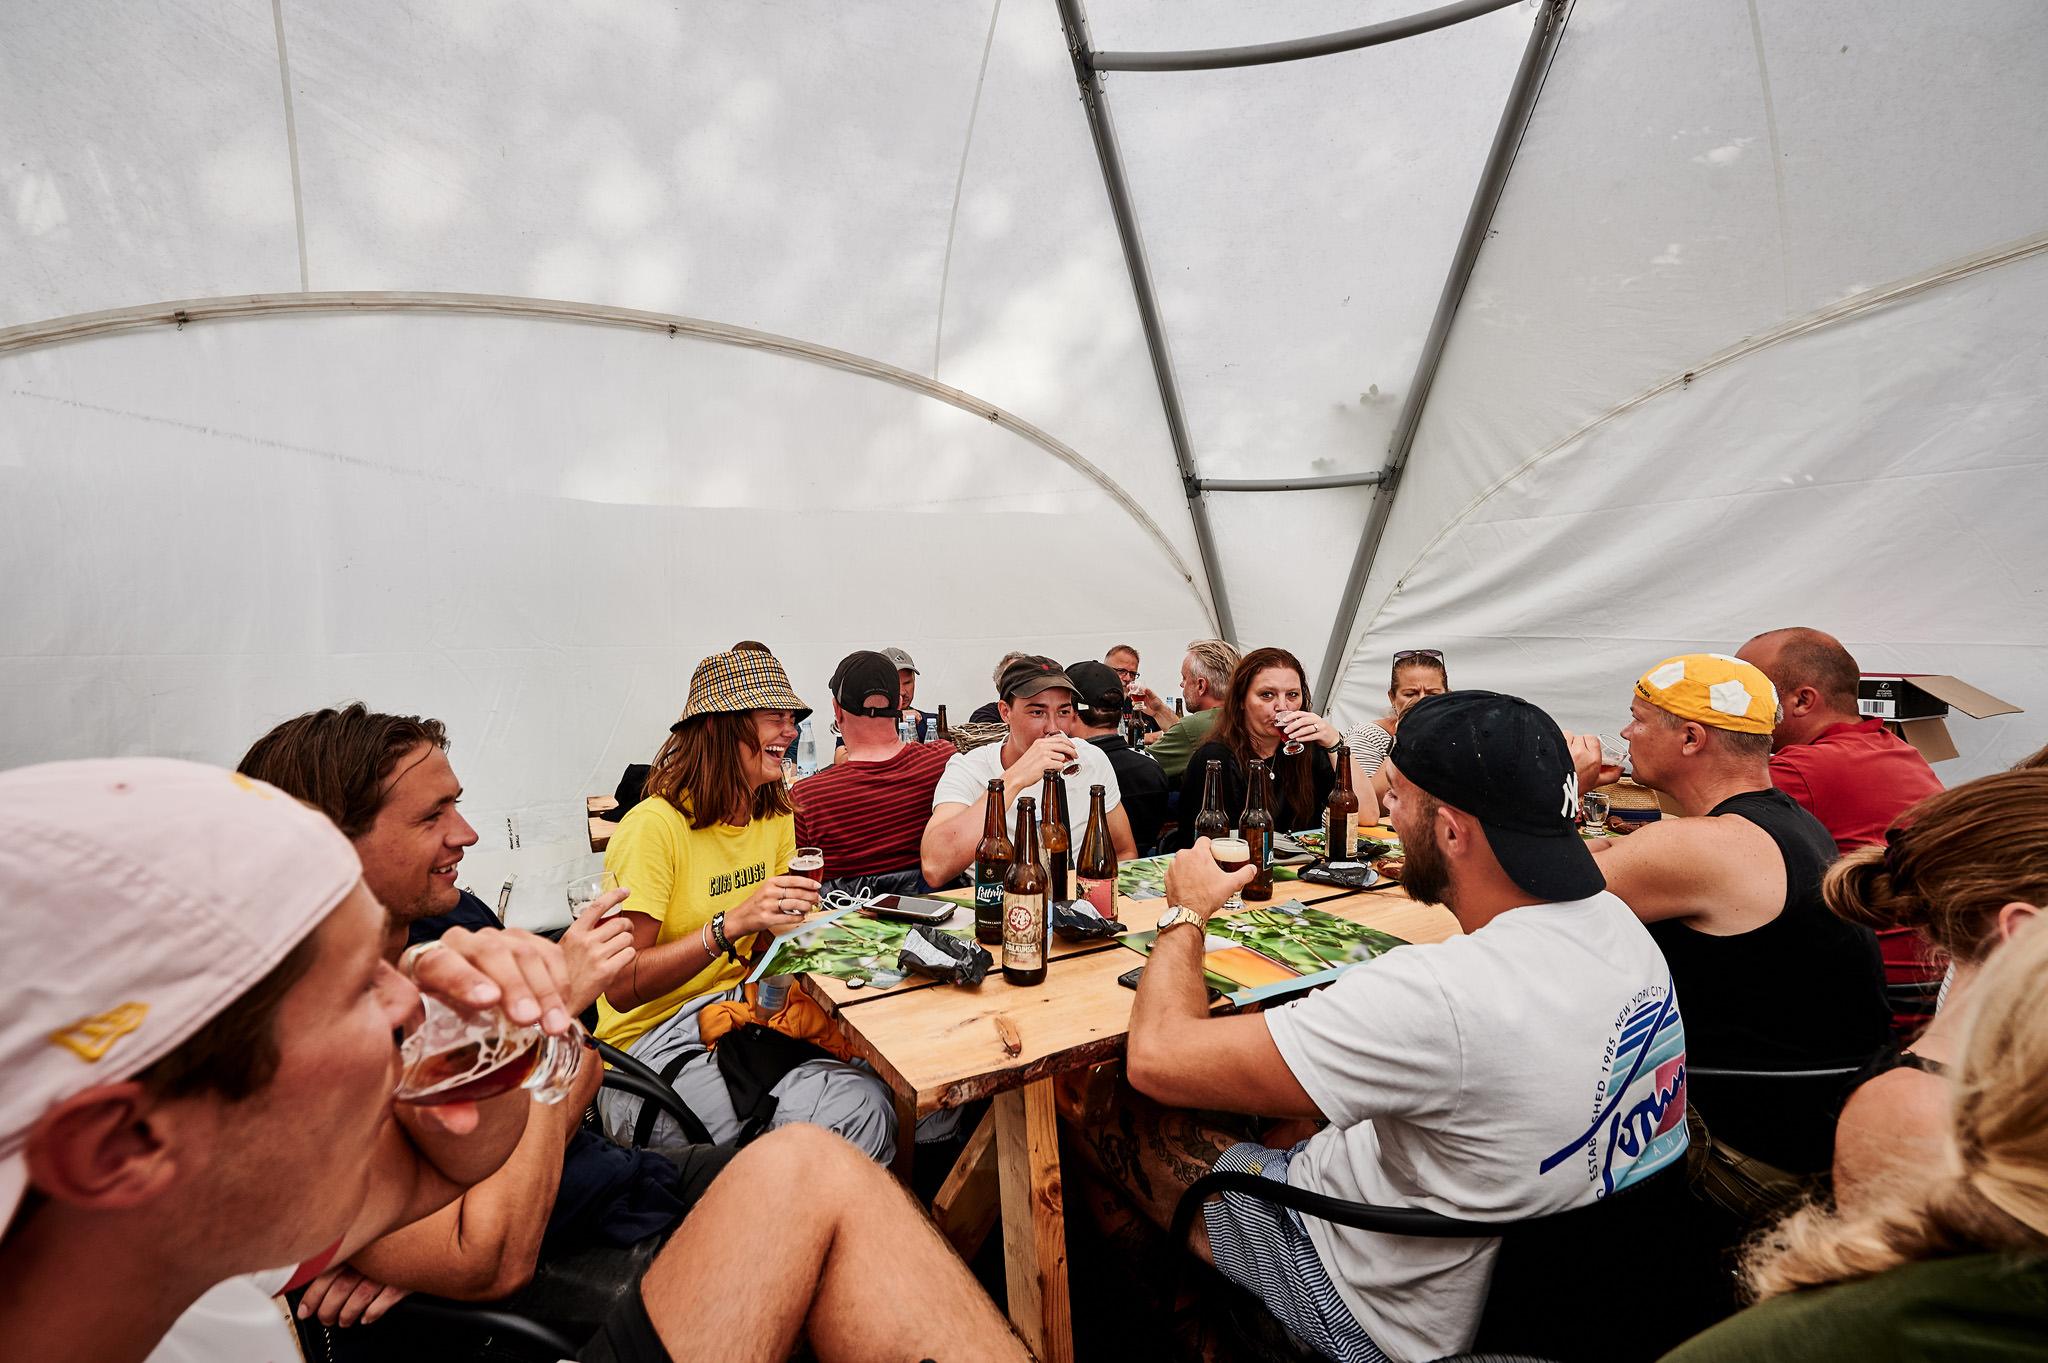 Glade deltager til Øl smagning Smukfest 2019